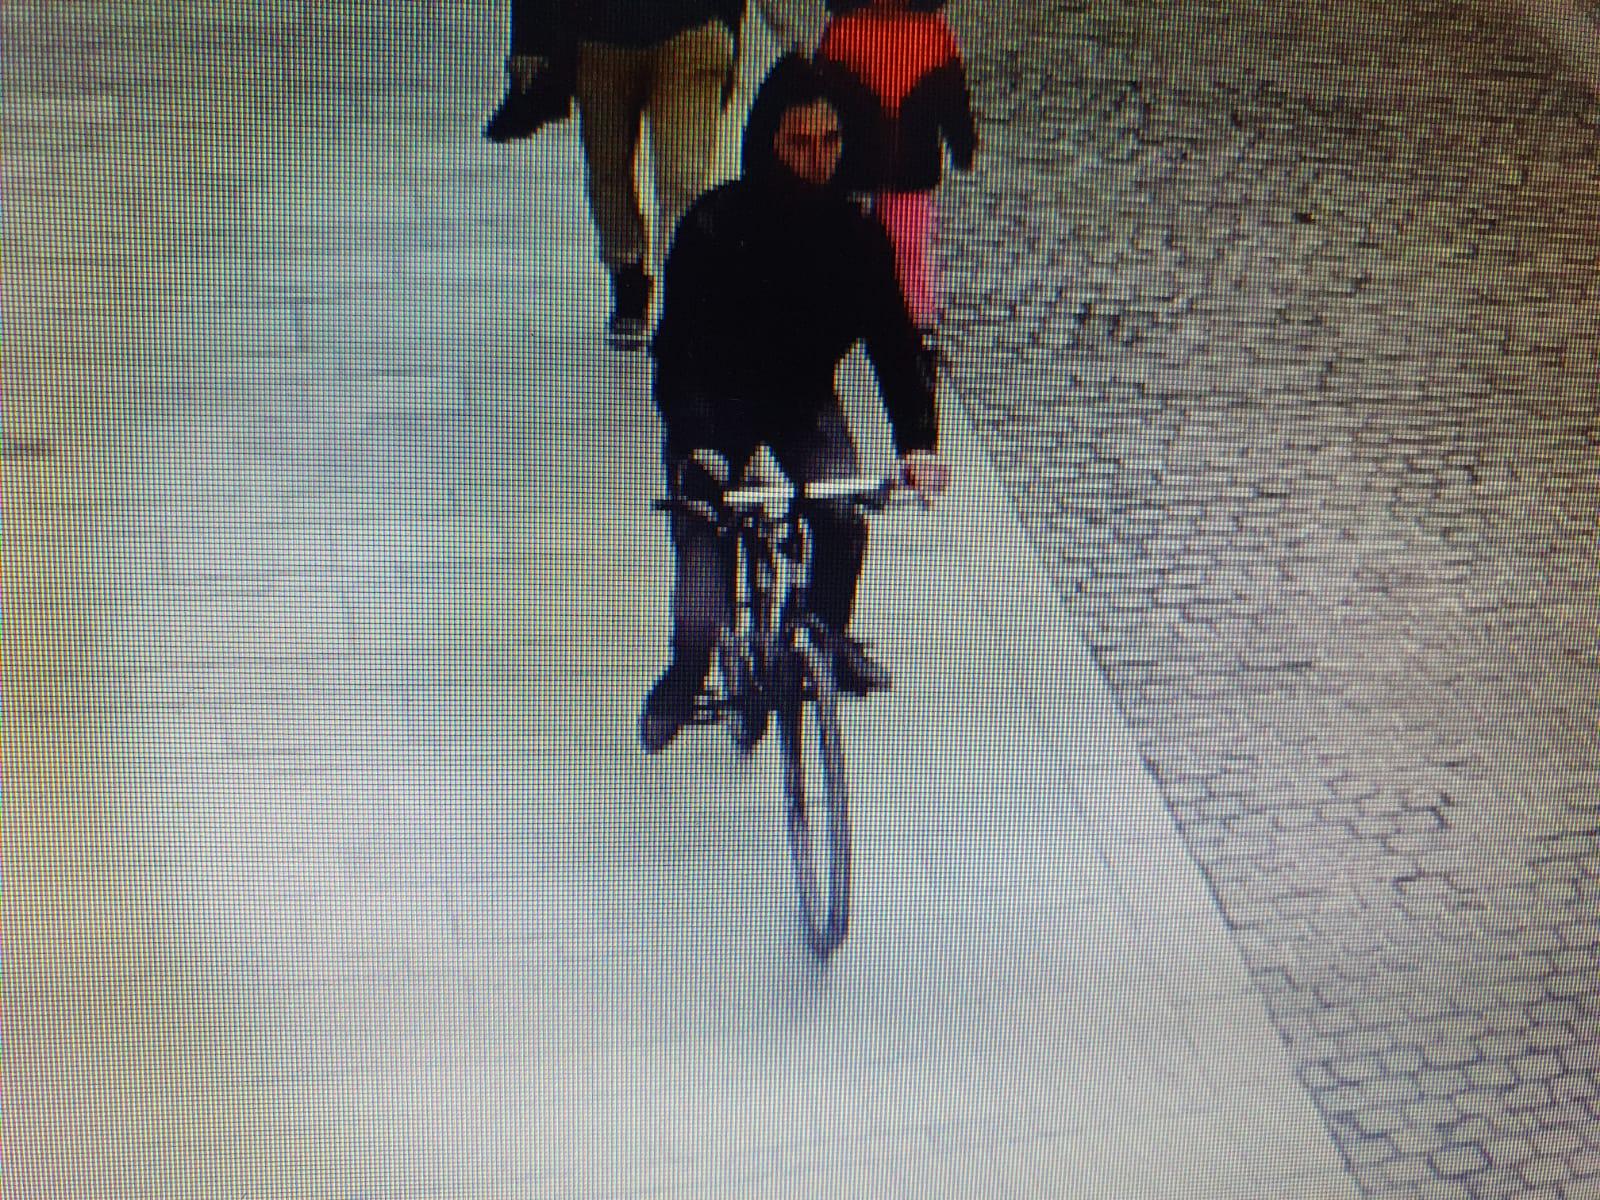 FOTO-Biciclistul care a lovit o fetiță s-a prezentat la poliție